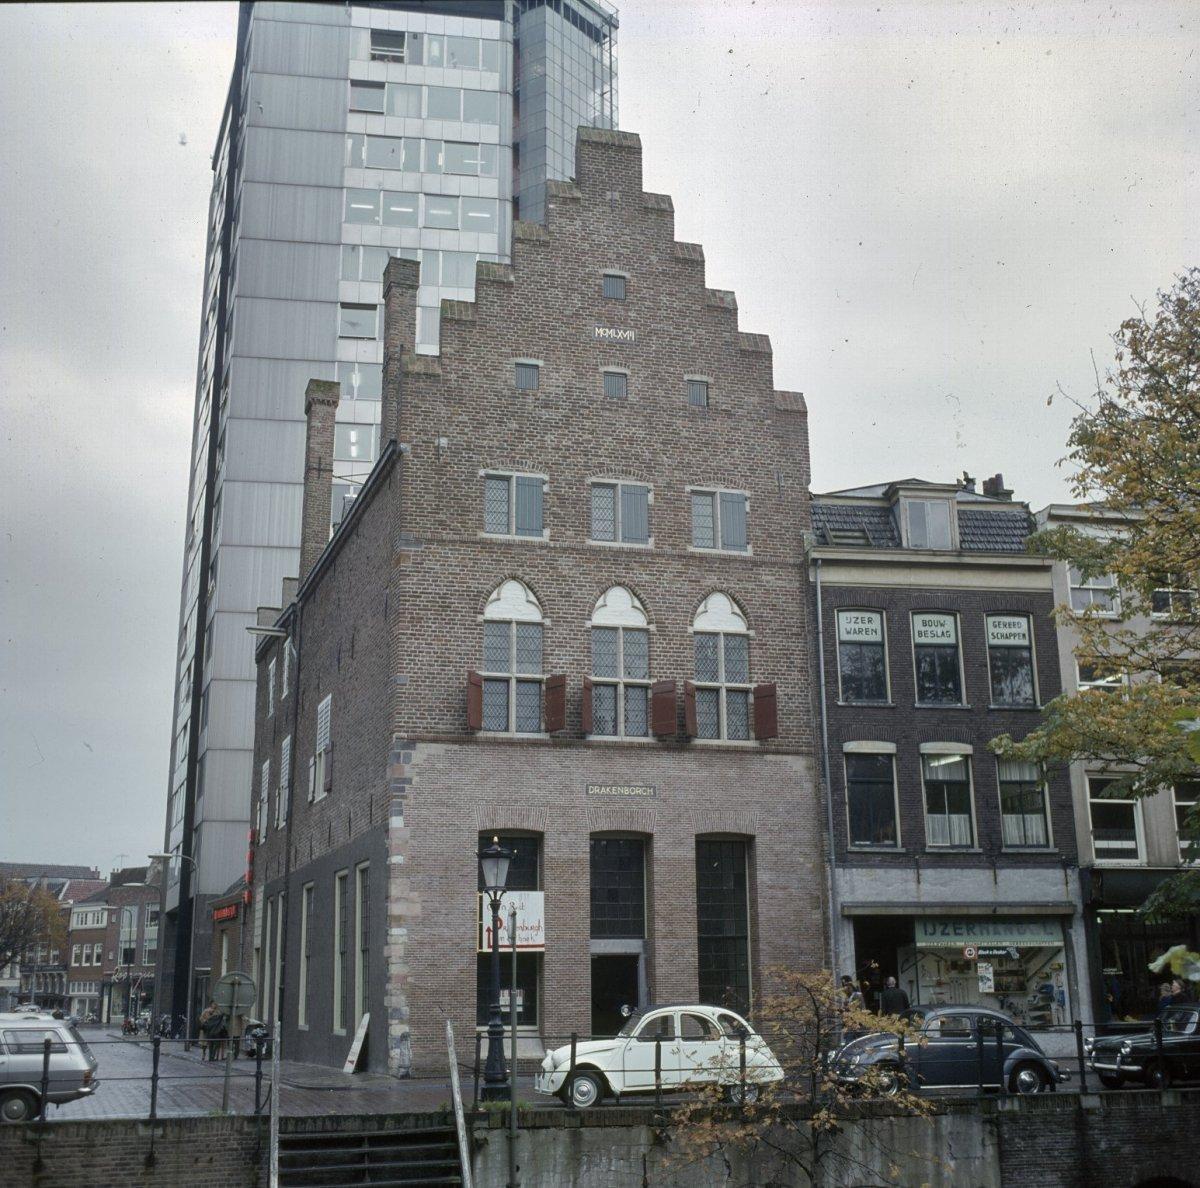 https://upload.wikimedia.org/wikipedia/commons/7/78/Overzicht_van_de_voorgevel_na_restauratie_-_Utrecht_-_20382583_-_RCE.jpg